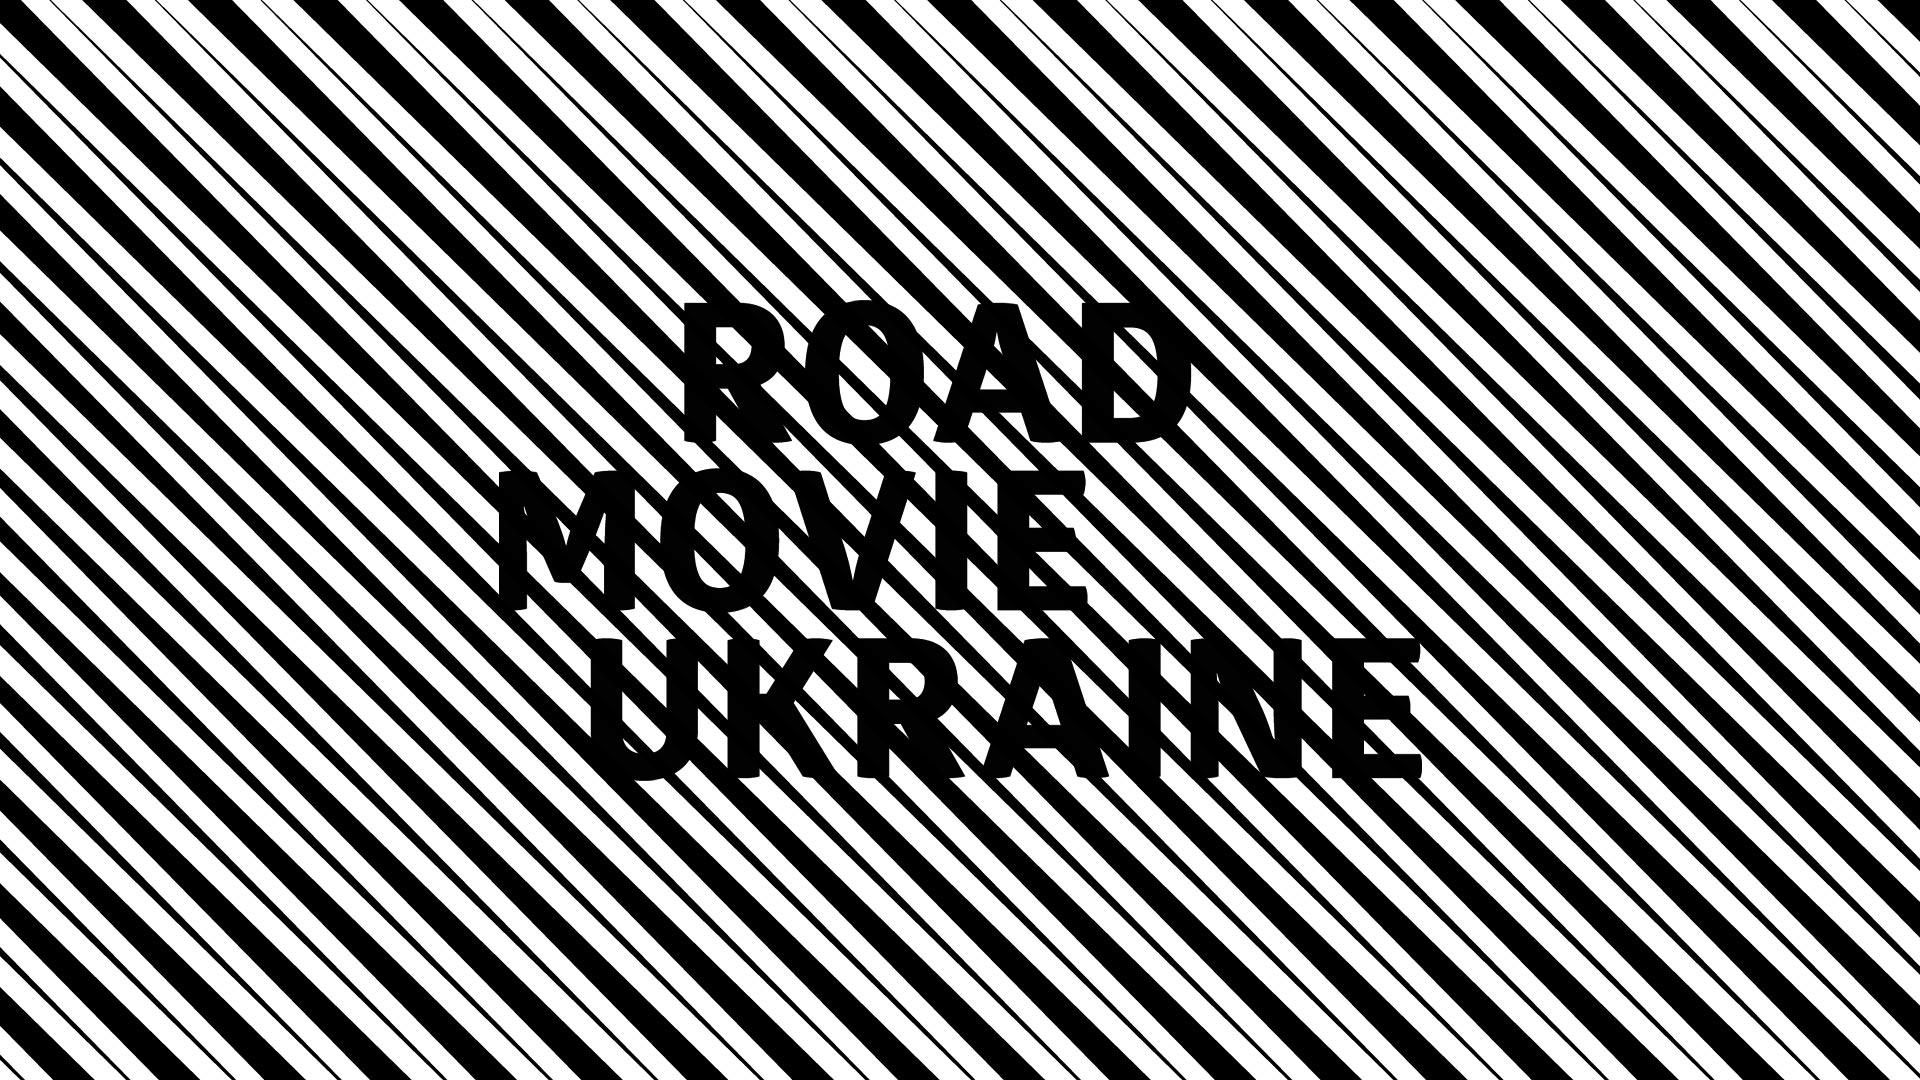 lutz jahnke road movie ukraine film von olga petrova lutz jahnke